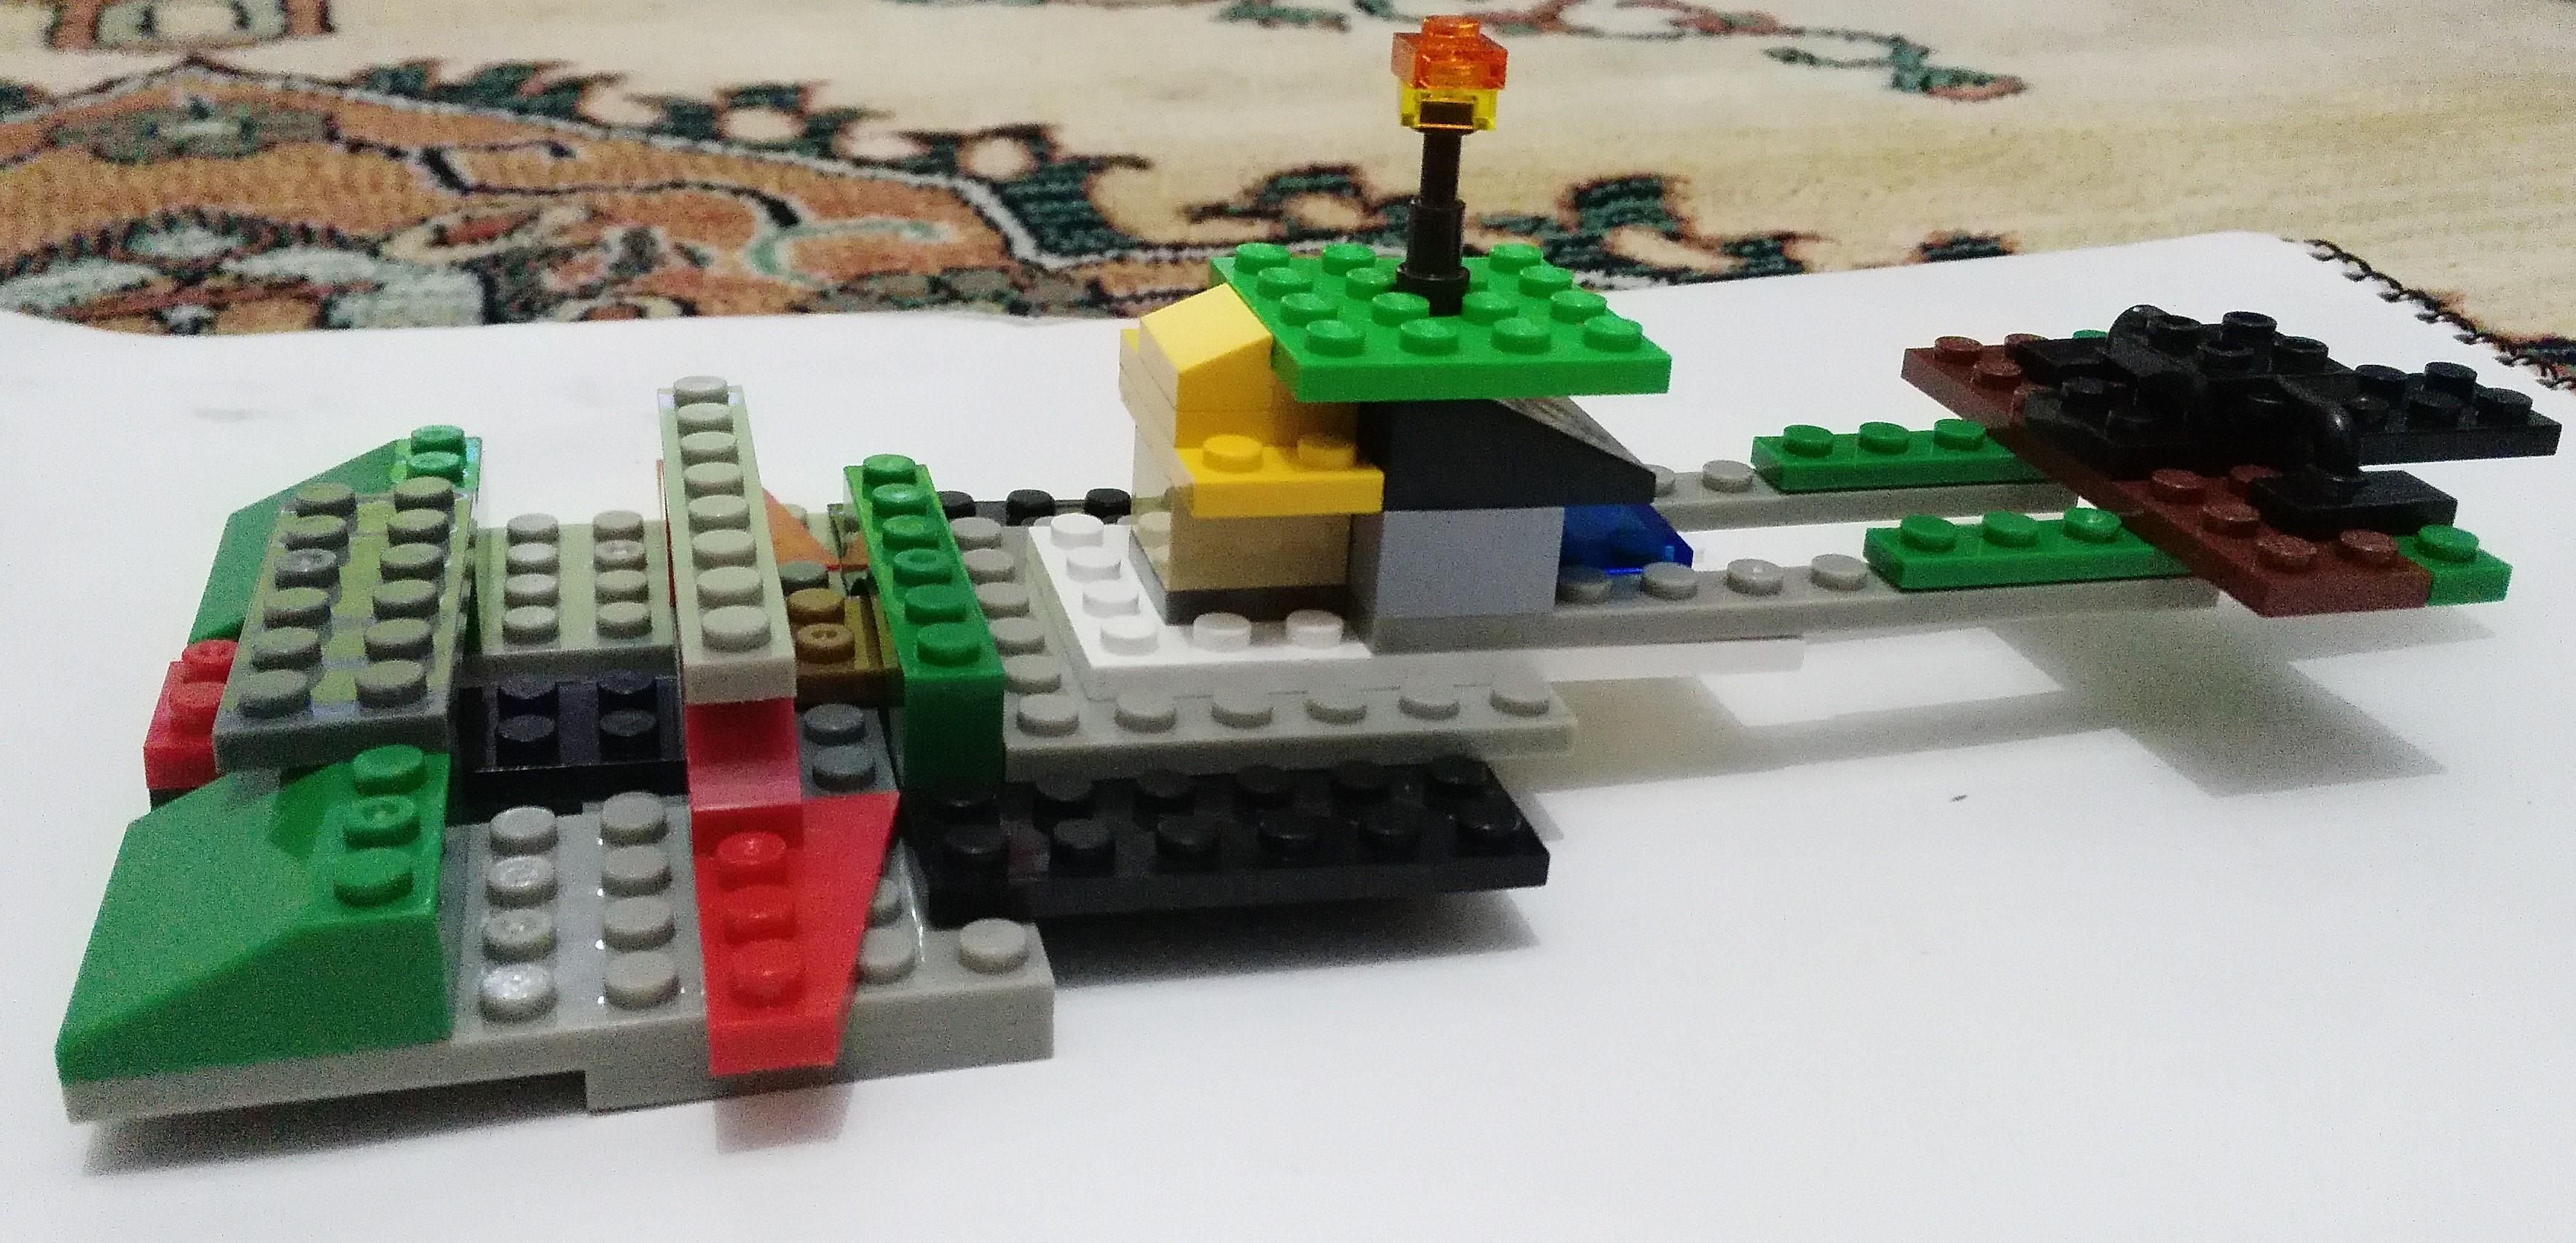 Neden Lego